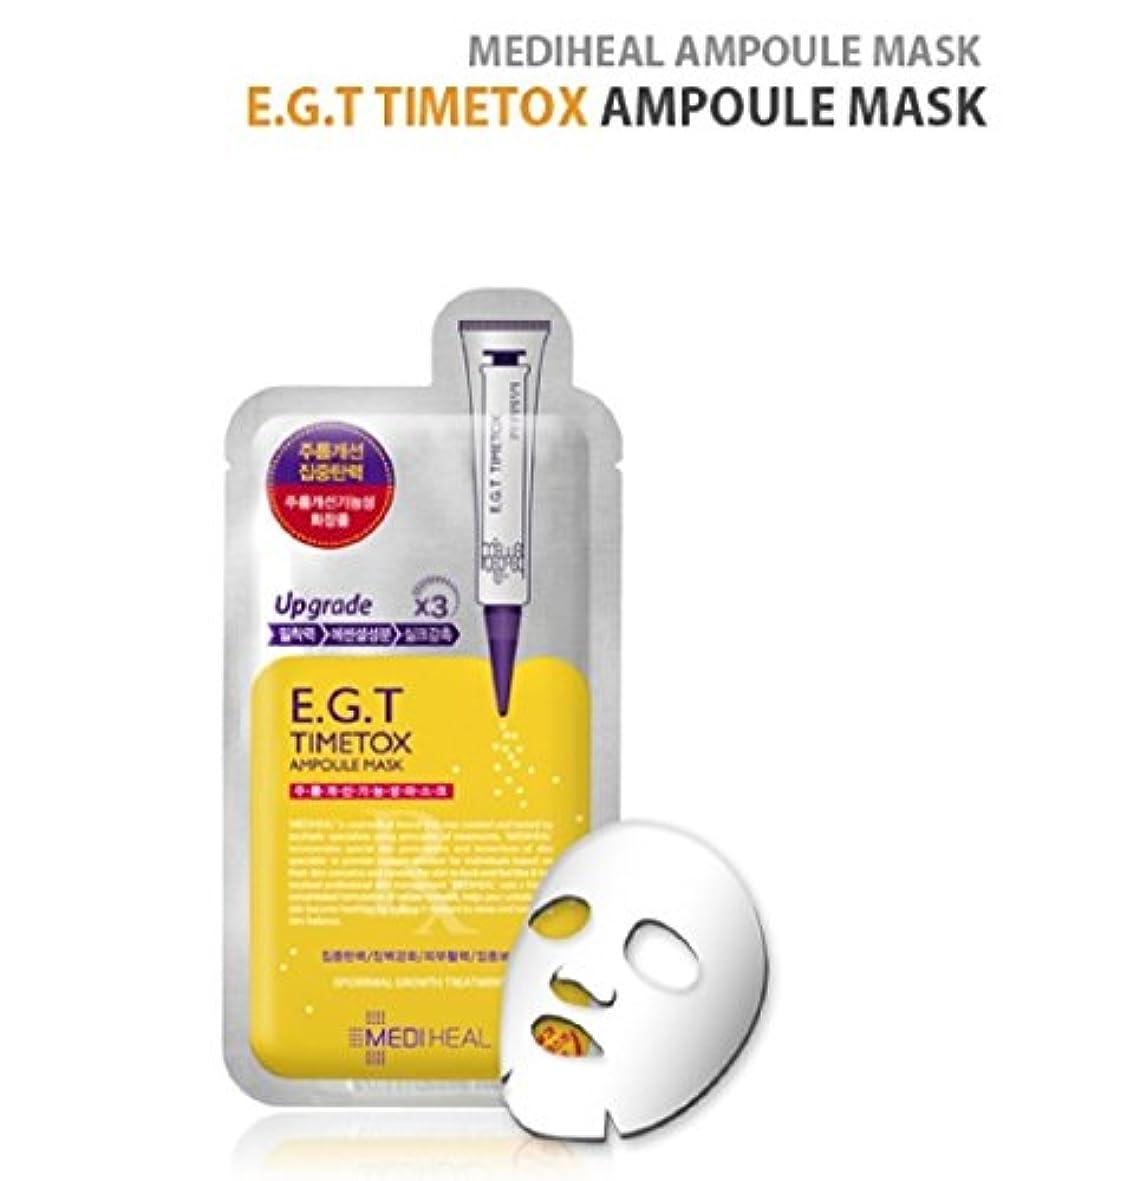 浮くパイリテラシー【メディヒール】Timetoxアンプルマスクパック (10枚)5Upgrade MEDIHEAL E.G.T Timetox Ampule Mask Pack REX 10 piece [並行輸入品]